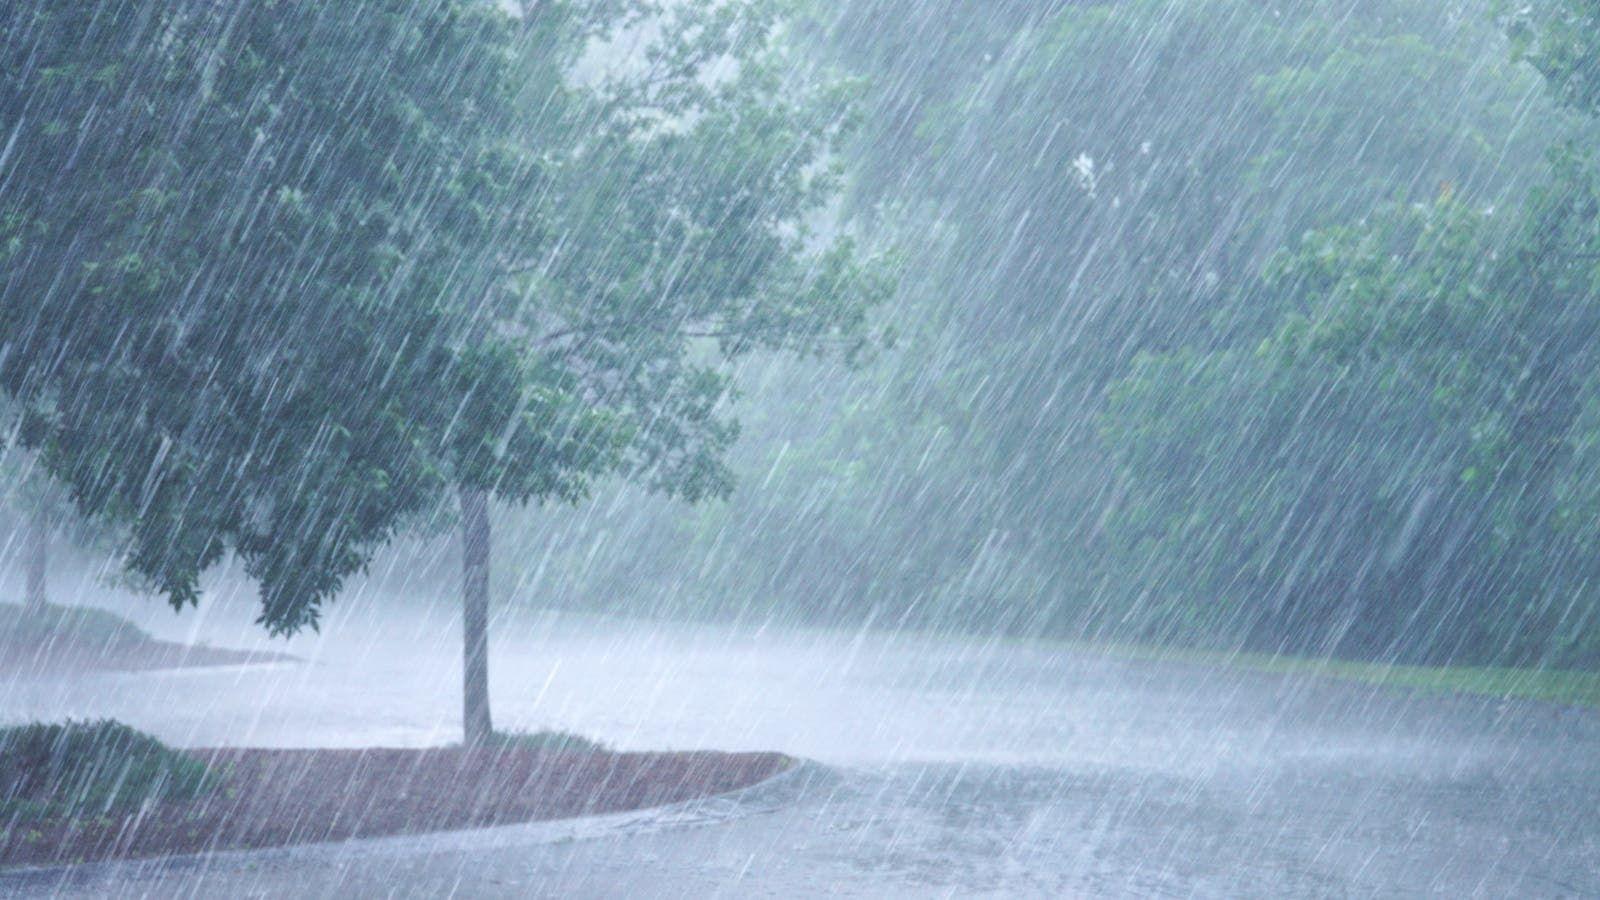 دعاء مستجاب عند هطول المطر In 2021 Natural Landmarks Landmarks Nature